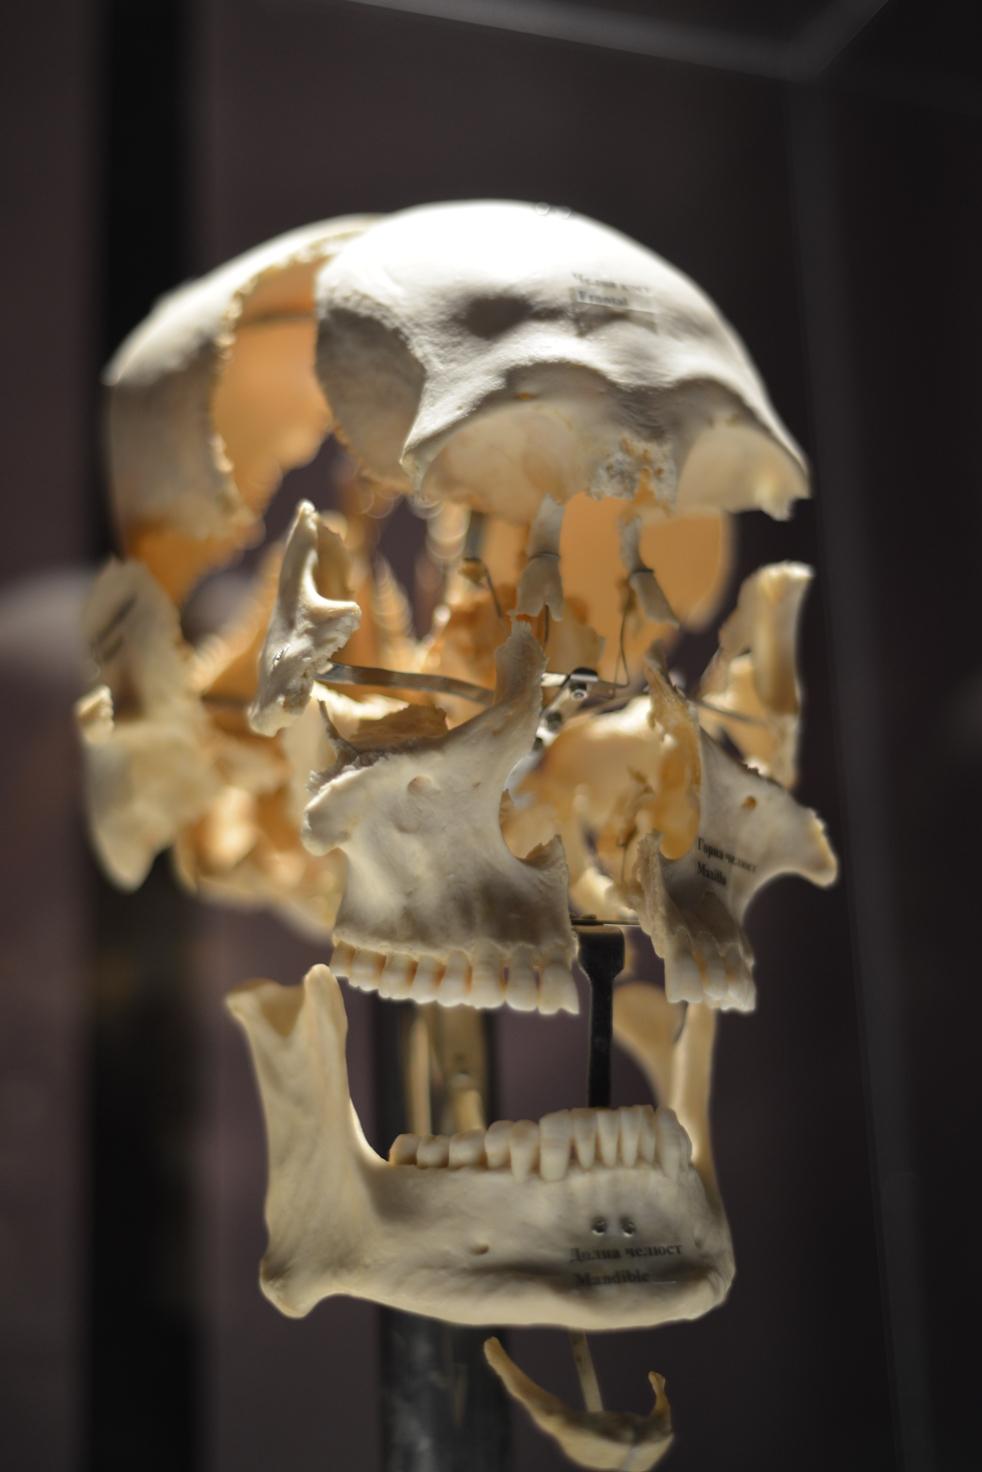 Започва изложбата, която разкрива тайните на човешкото тяло